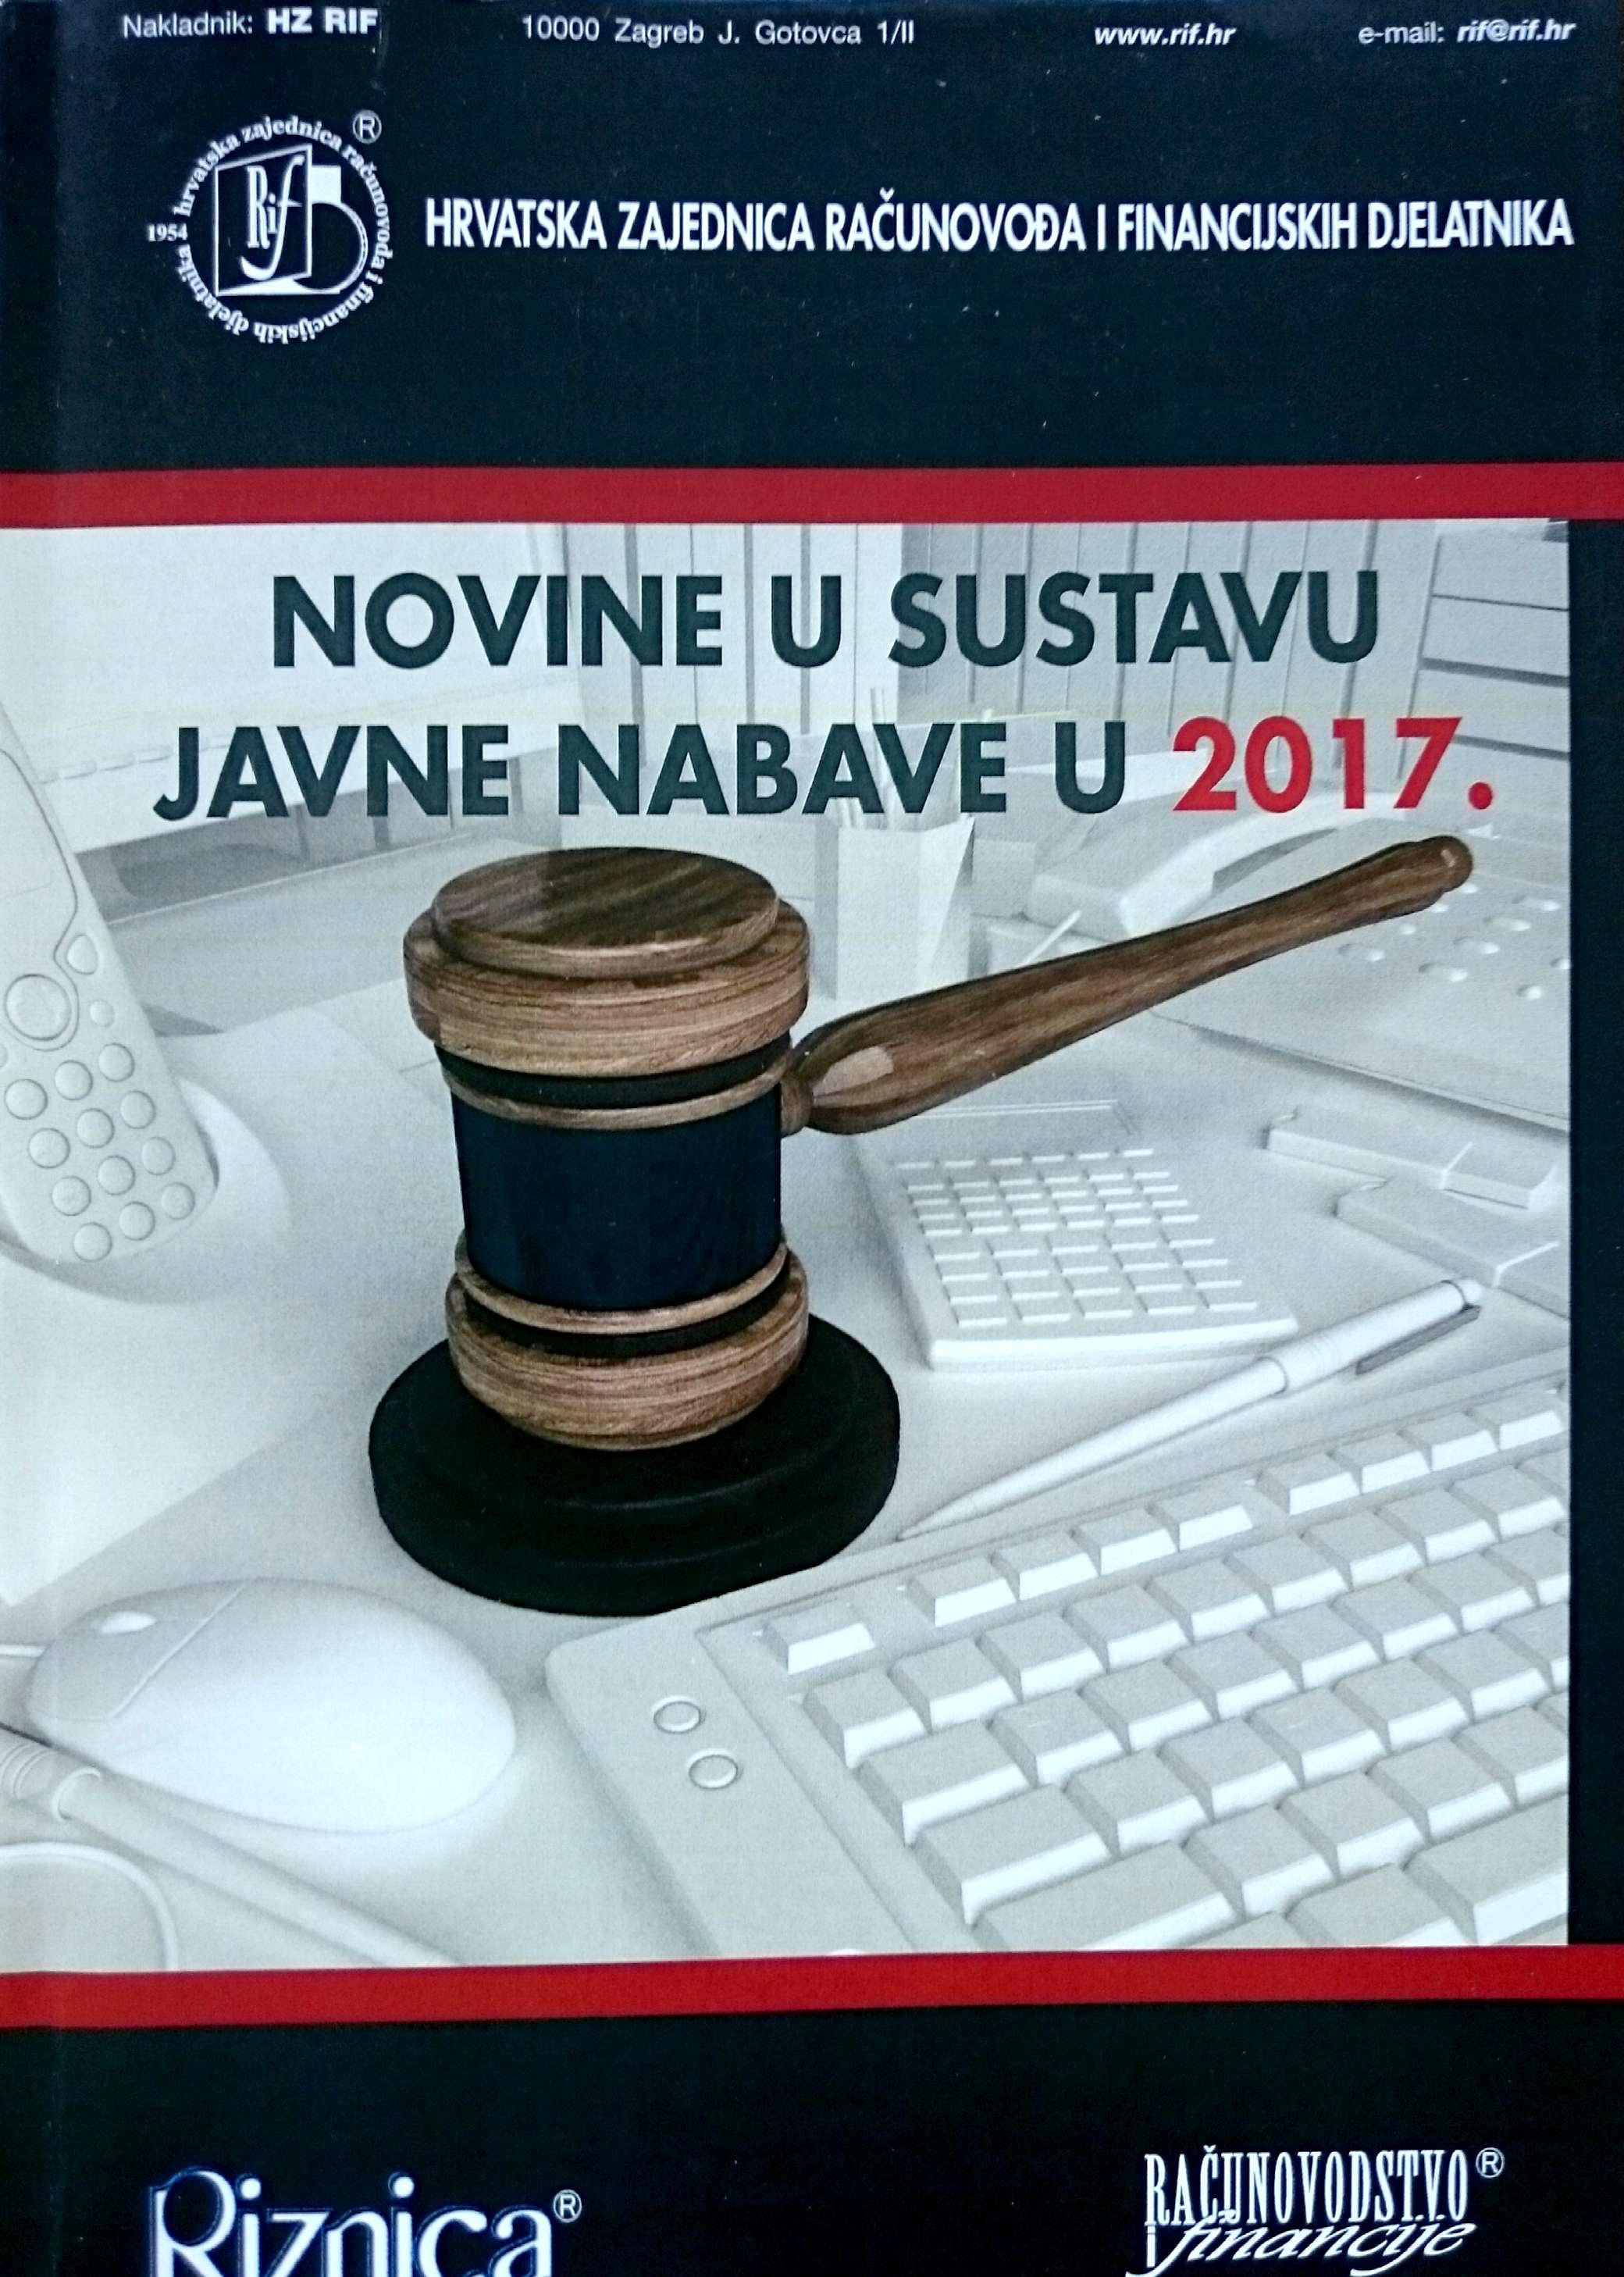 NOVINE U SUSTAVU JAVNE NABAVE U 2017. - Naruči svoju knjigu